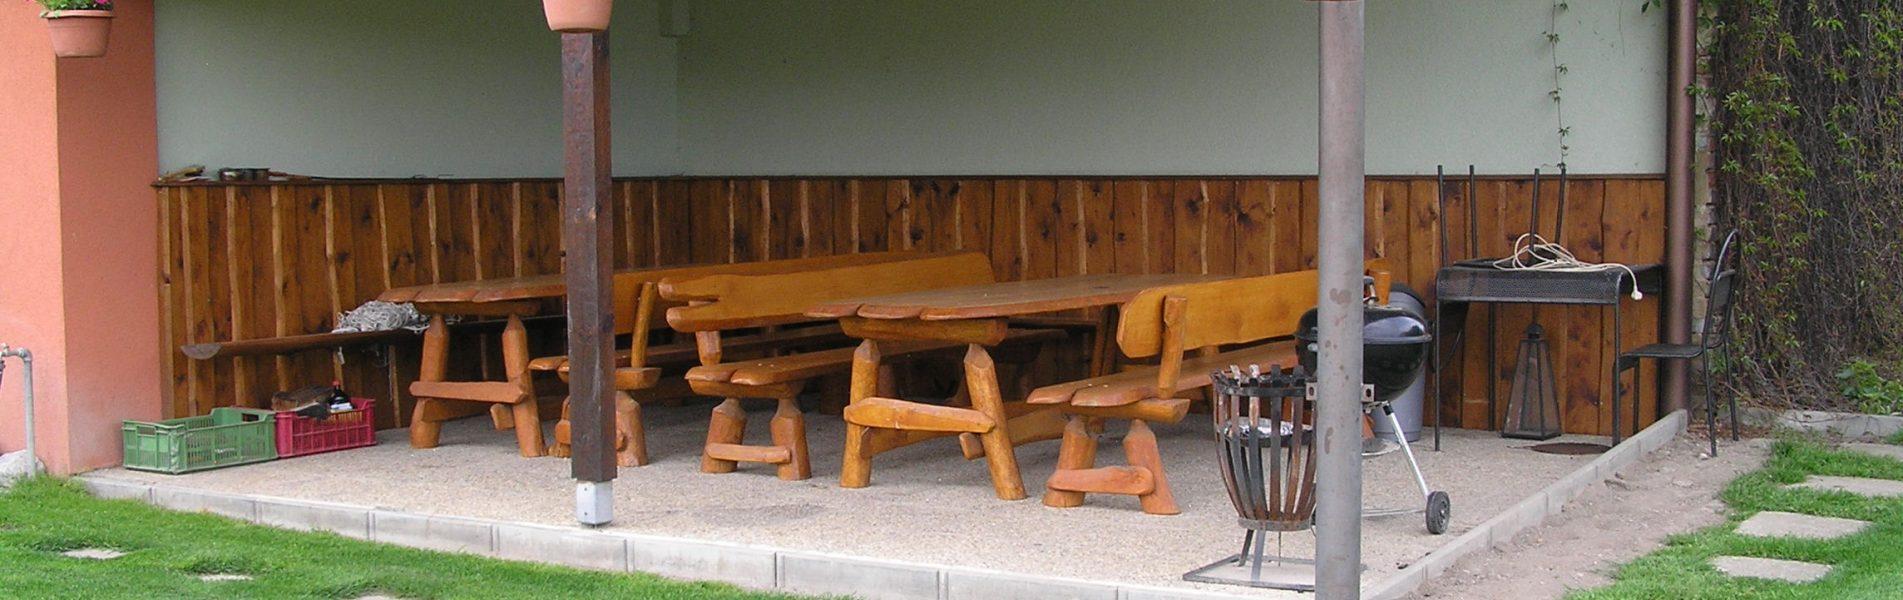 Penzion U fousáče - ubytování Hrabětice, Jižní Morava